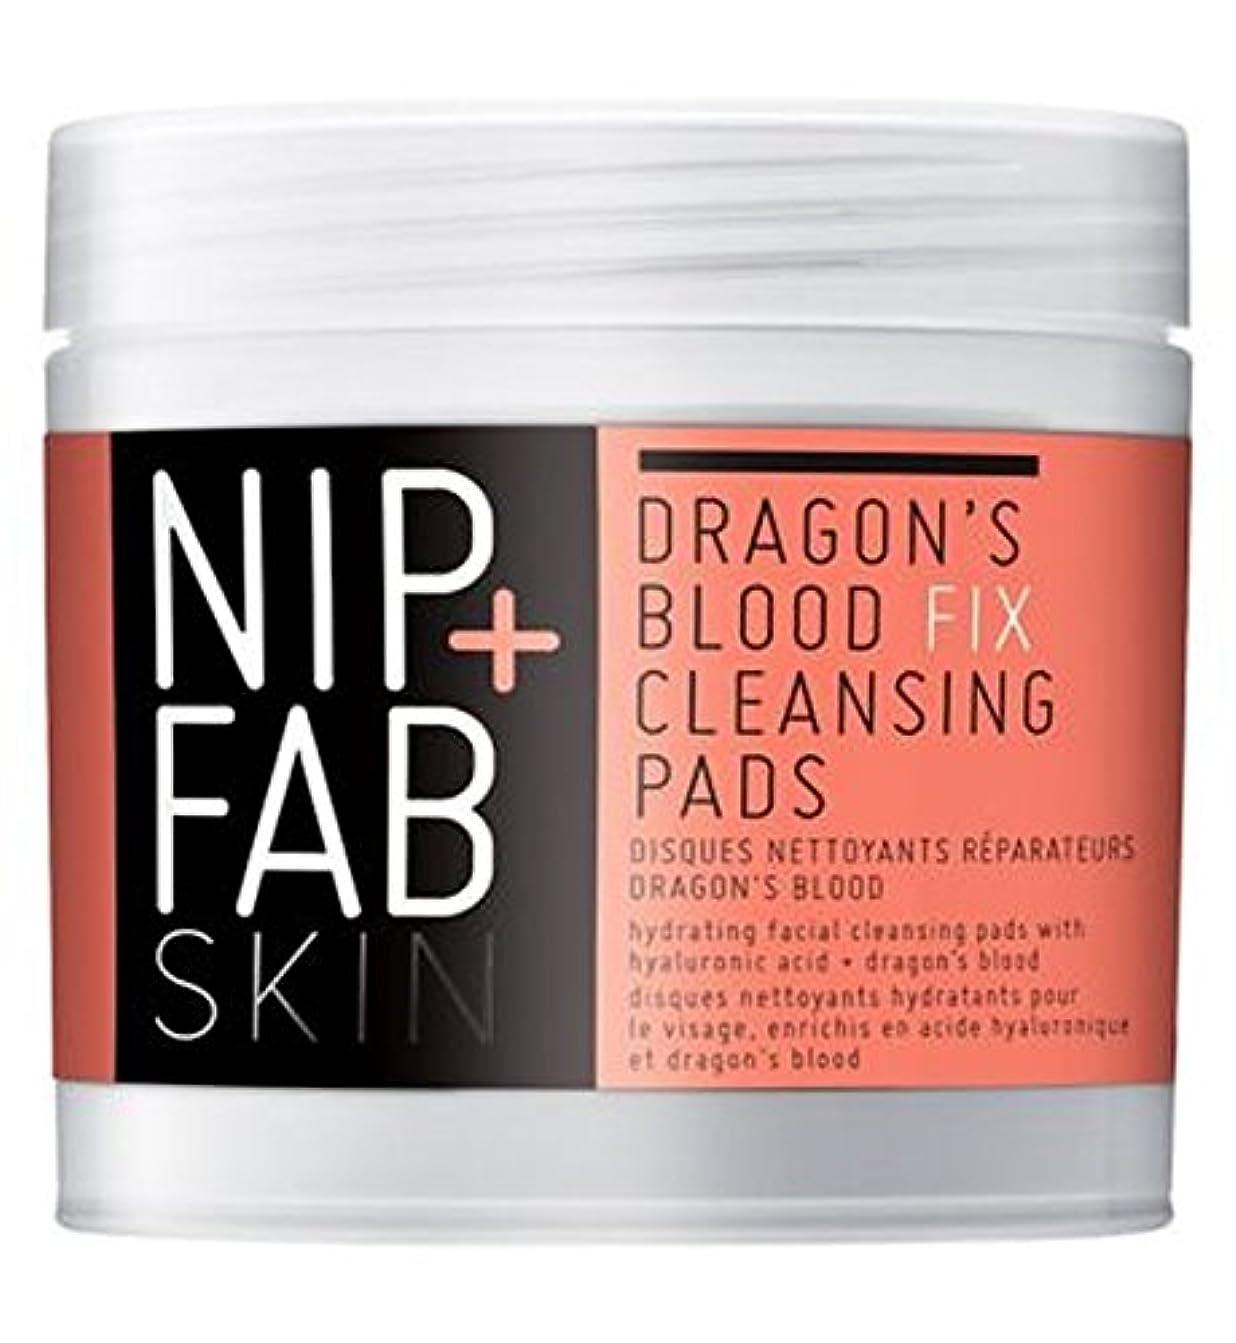 折彼女は収まる+ファブ竜の血修正パッド80ミリリットルニップ (Nip & Fab) (x2) - Nip+Fab Dragons Blood Fix Pads 80ml (Pack of 2) [並行輸入品]